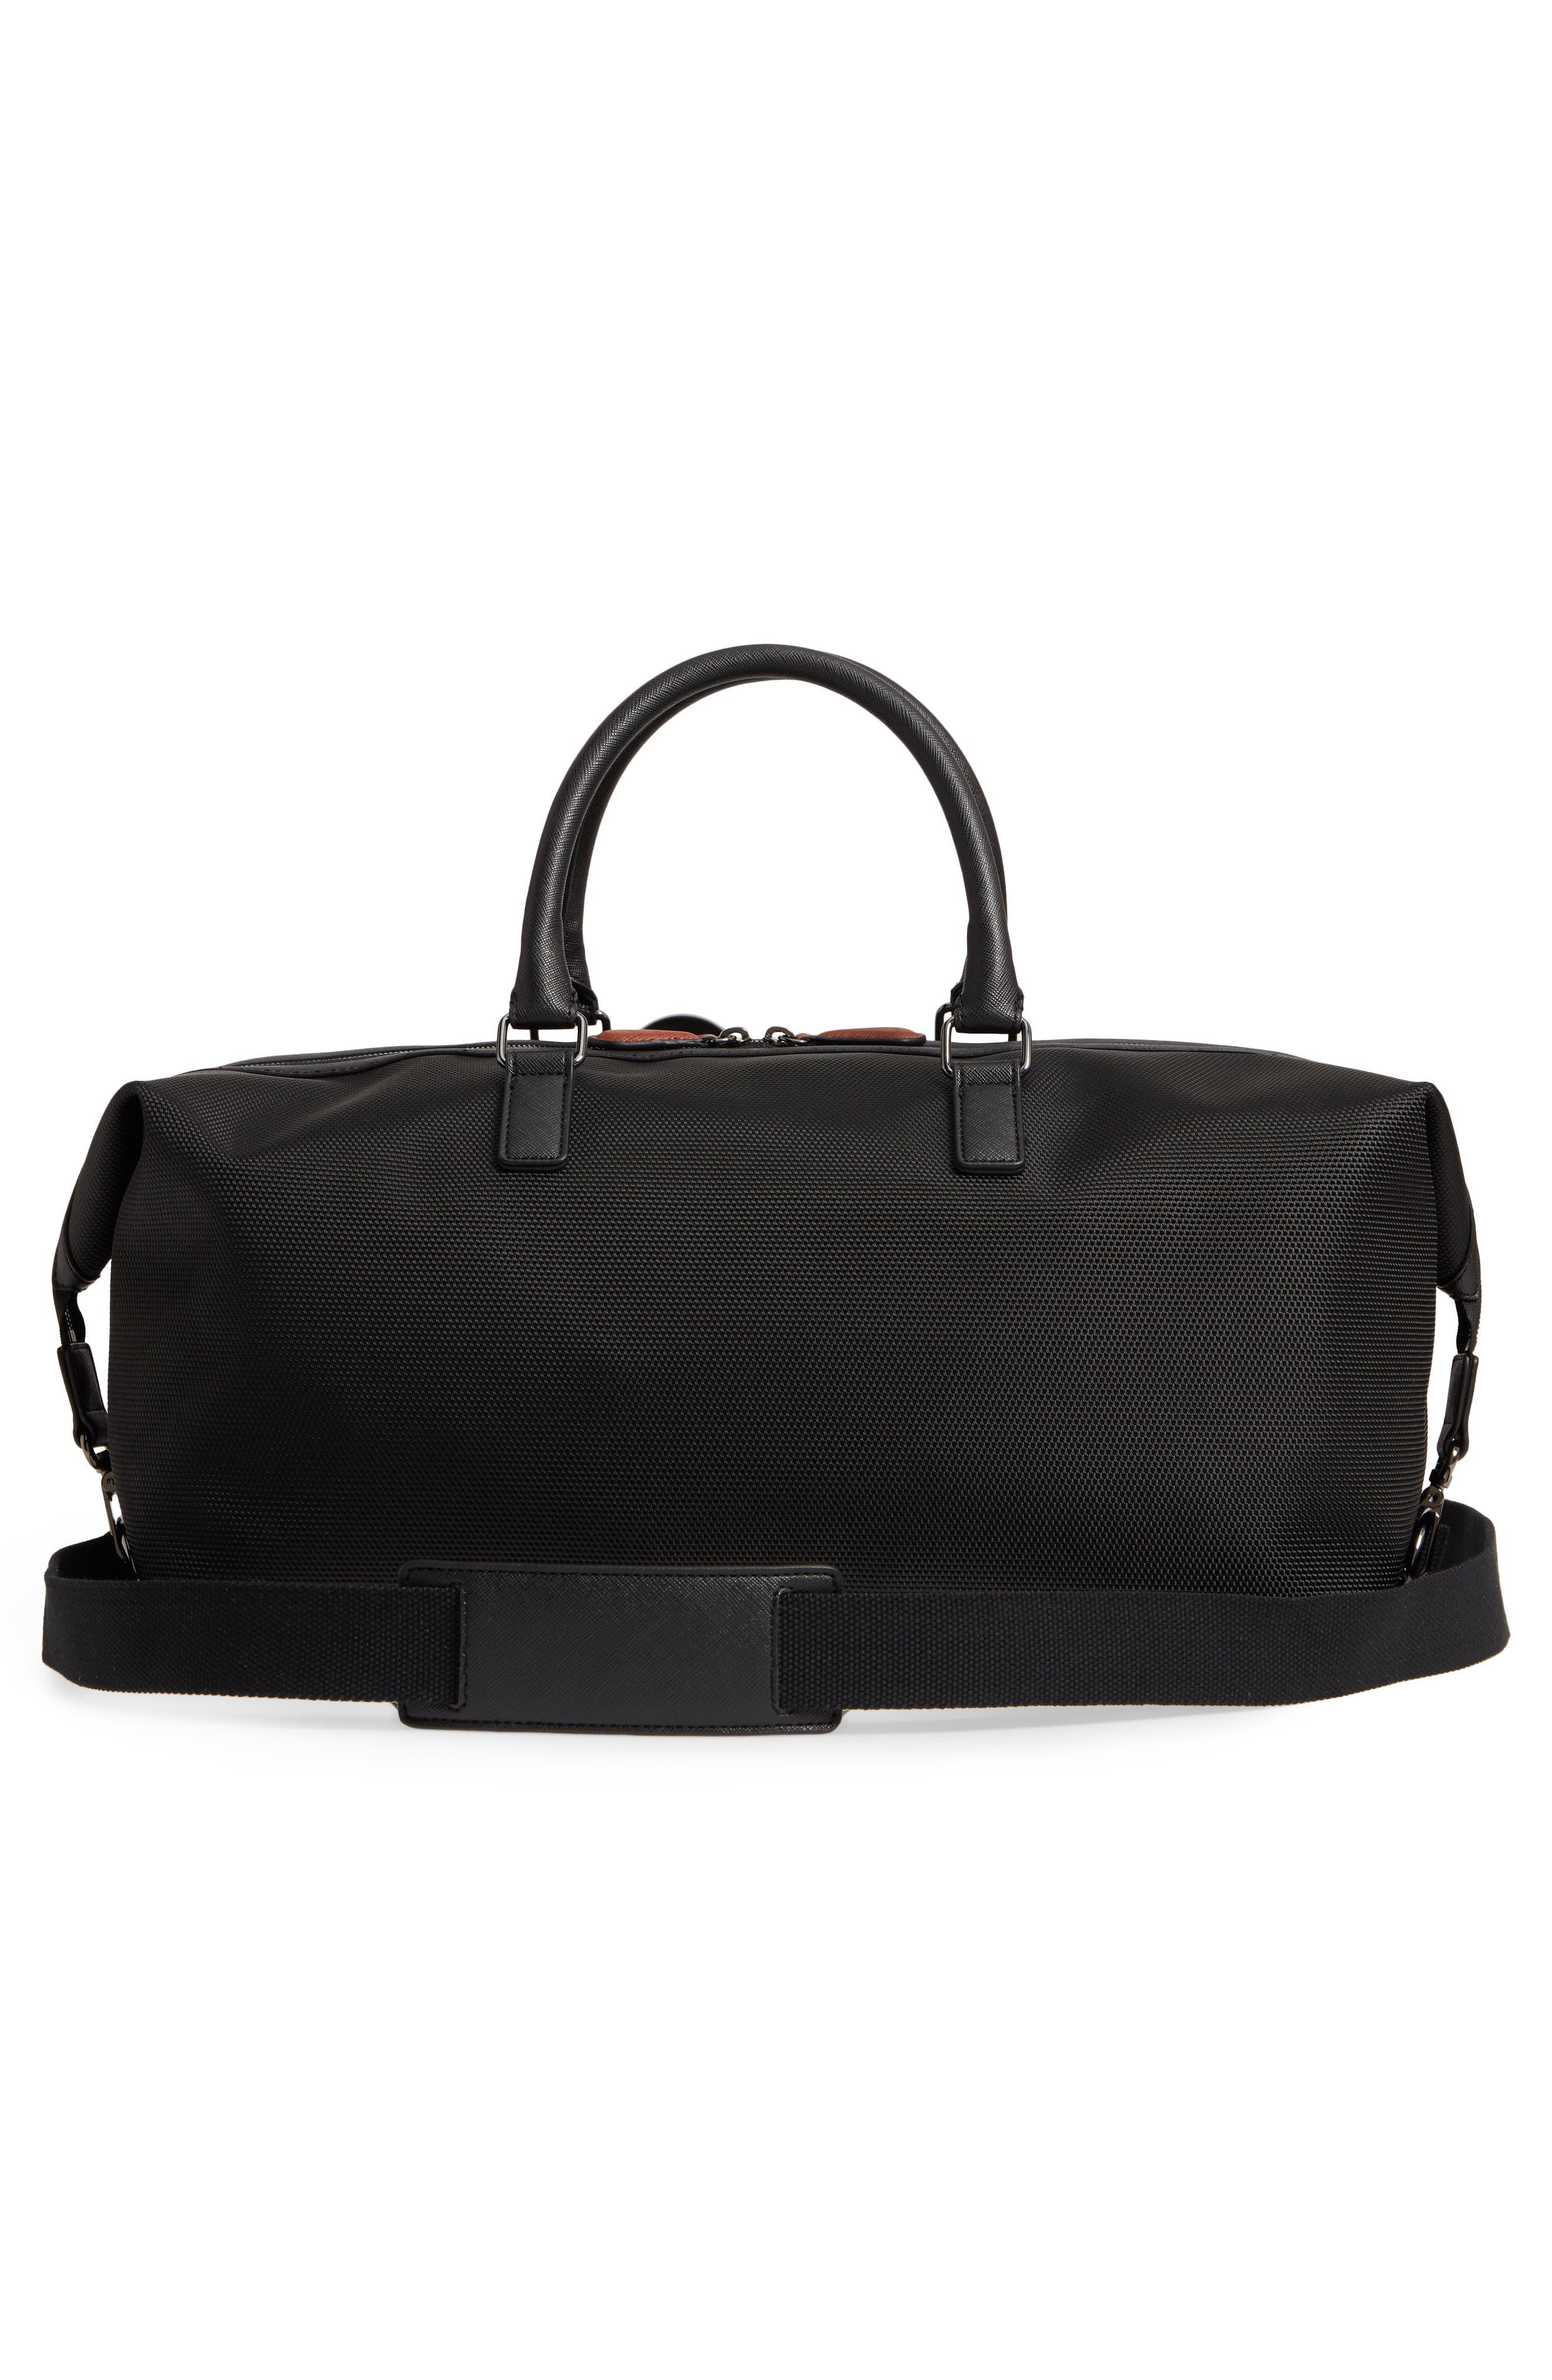 Smart Duffel Bag,                             Alternate thumbnail 3, color,                             001